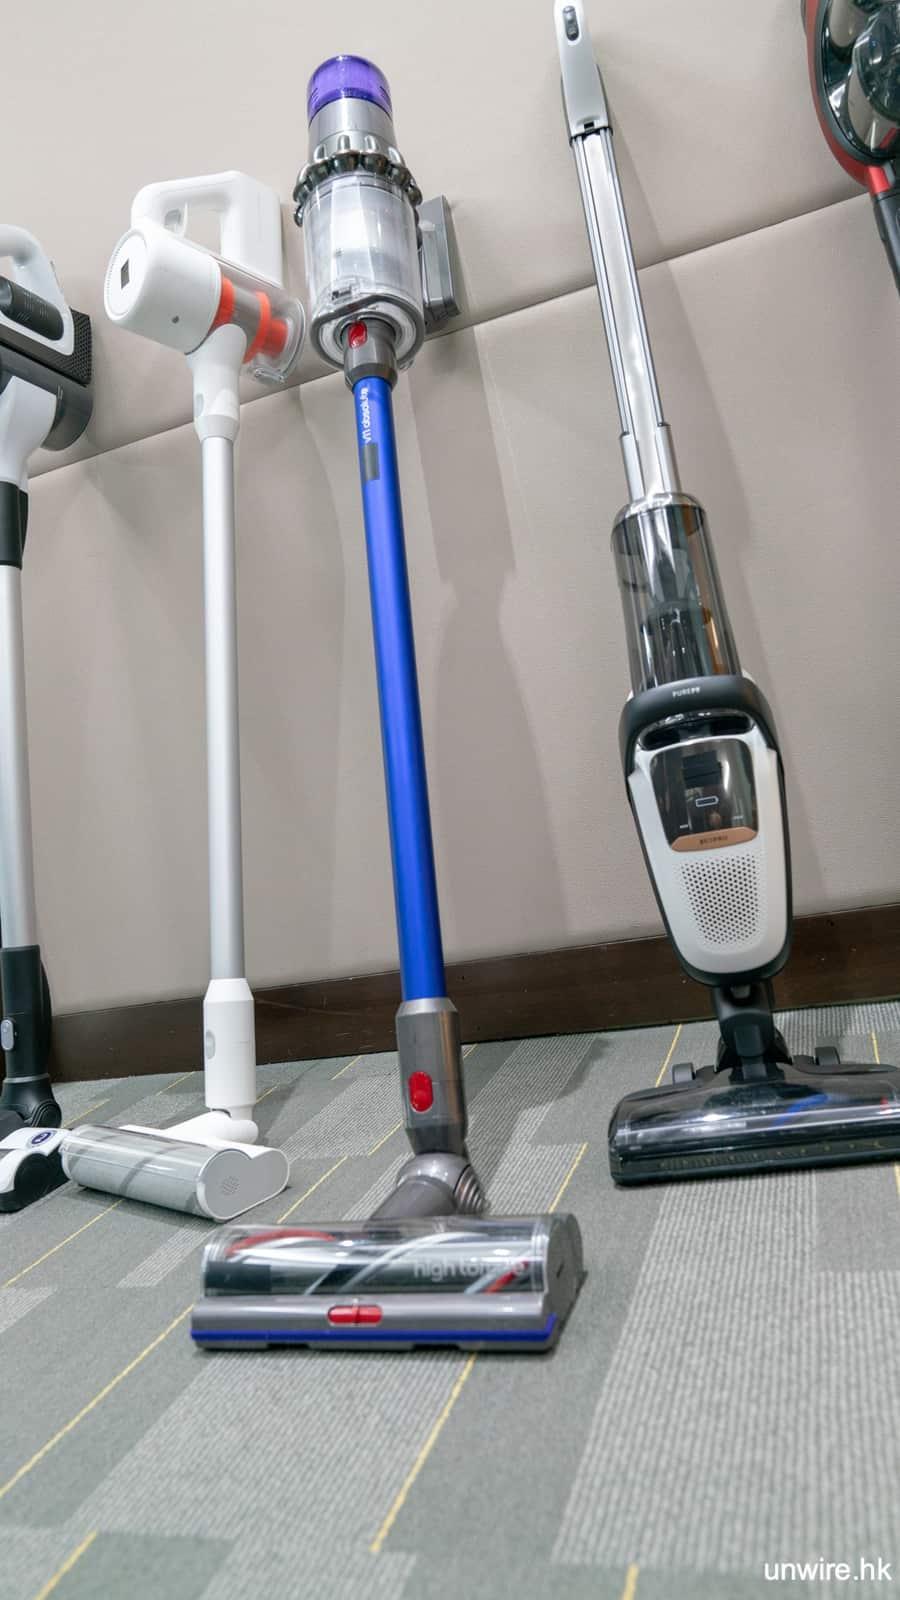 消委會評測無線直立式吸塵機 Dyson V11 表現最好 + 小米性價比高 ...